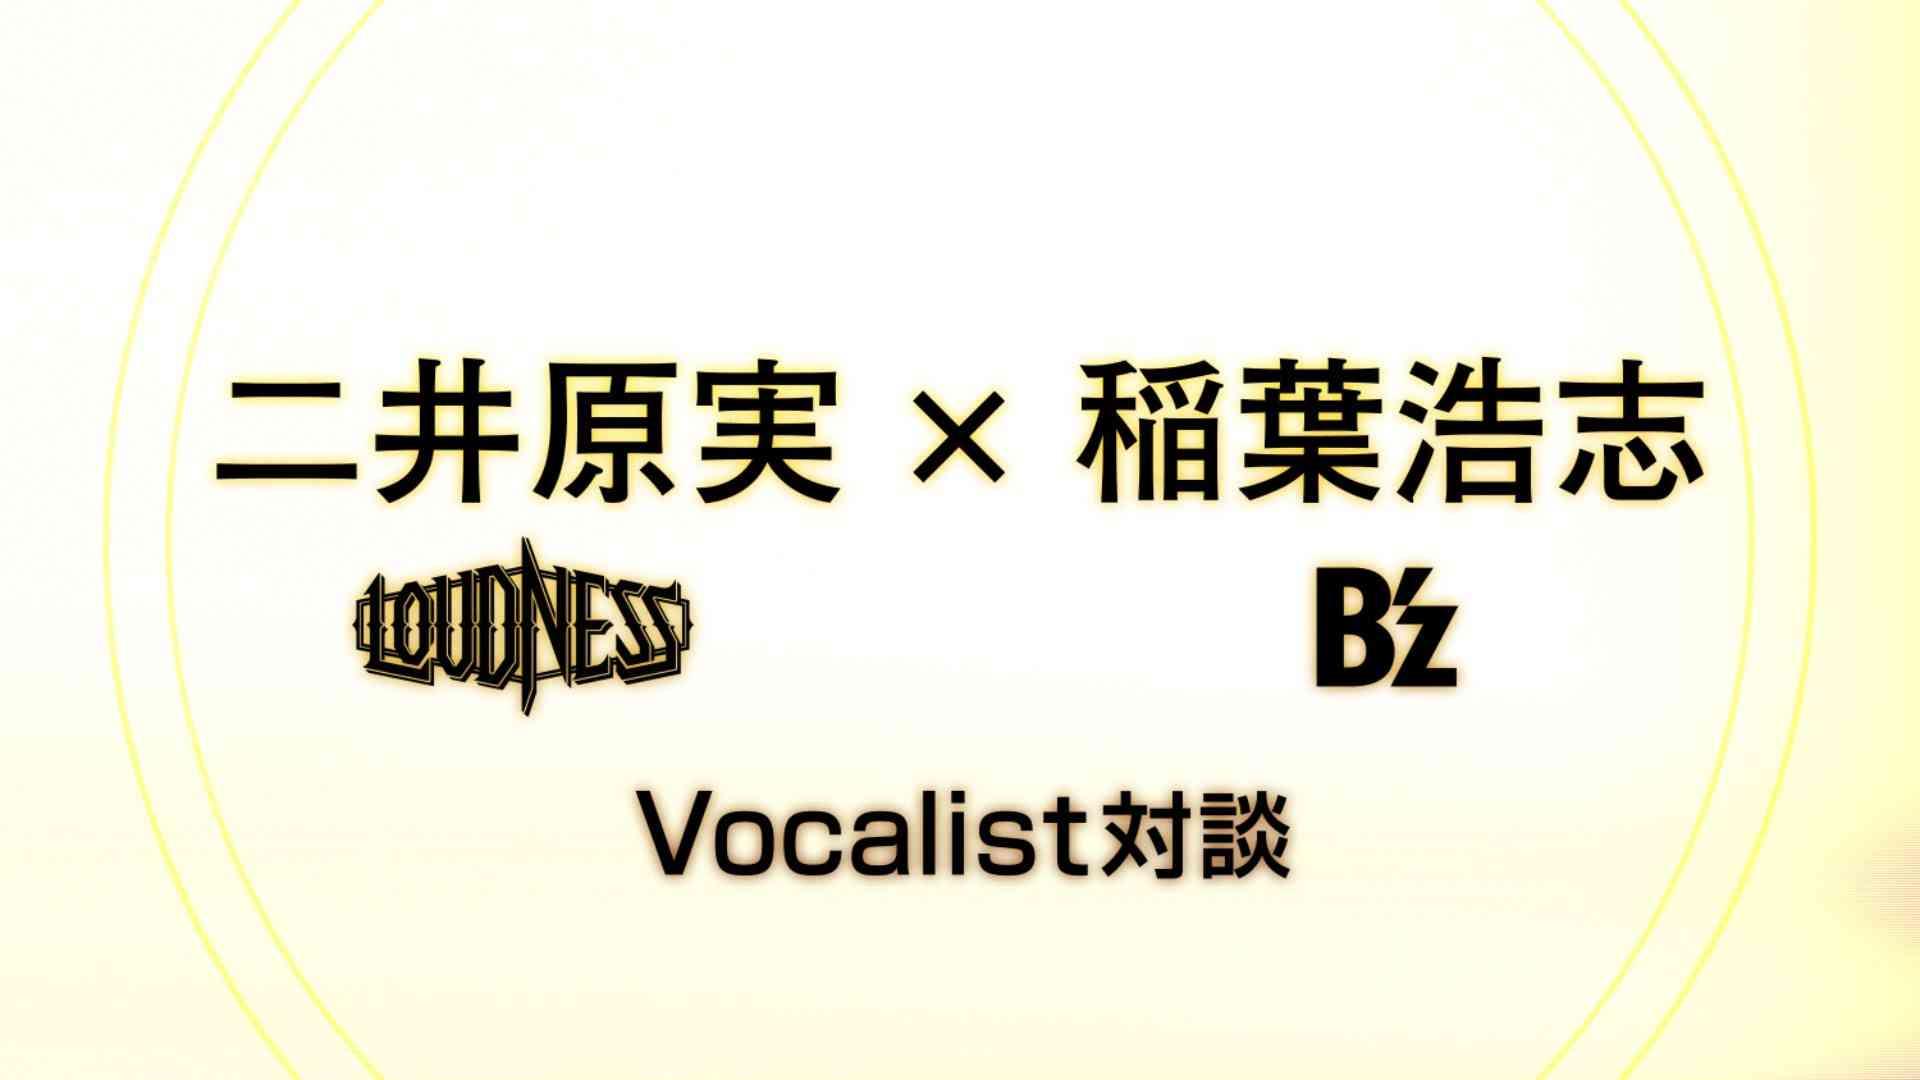 二井原実 × 稲葉浩志 / Vocalist対談 - YouTube